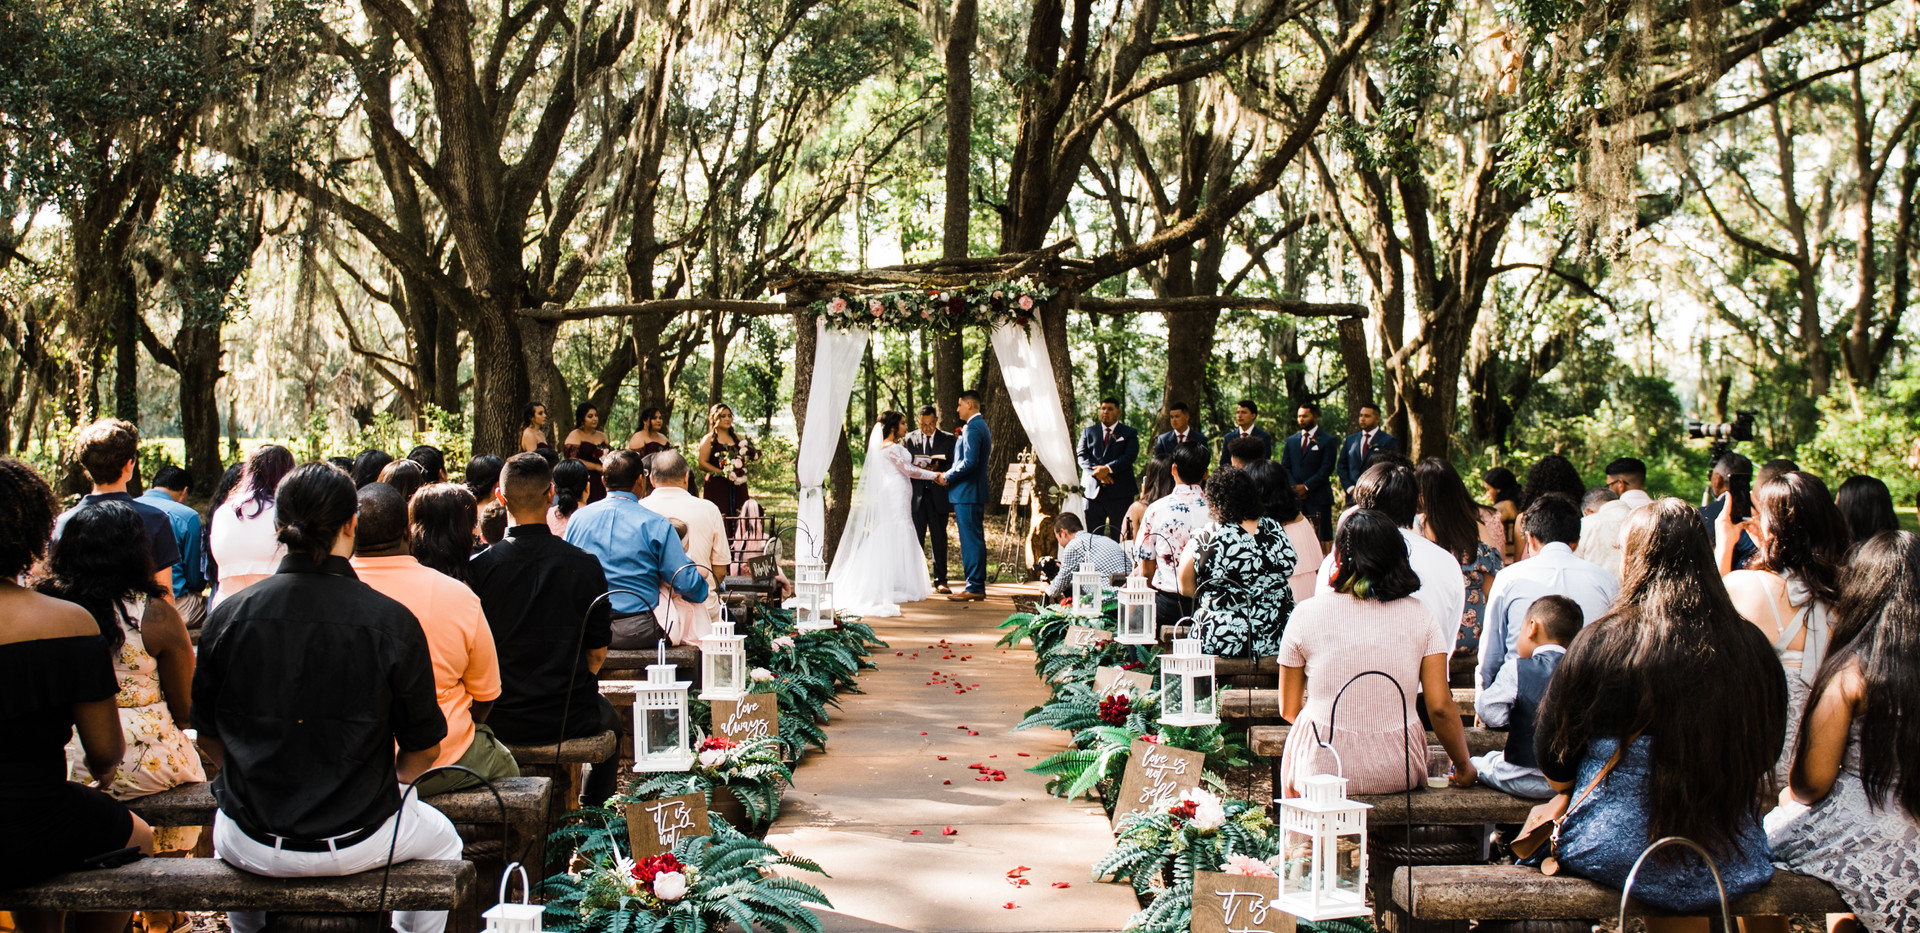 ceremony-chrissyannphotography-25.jpg